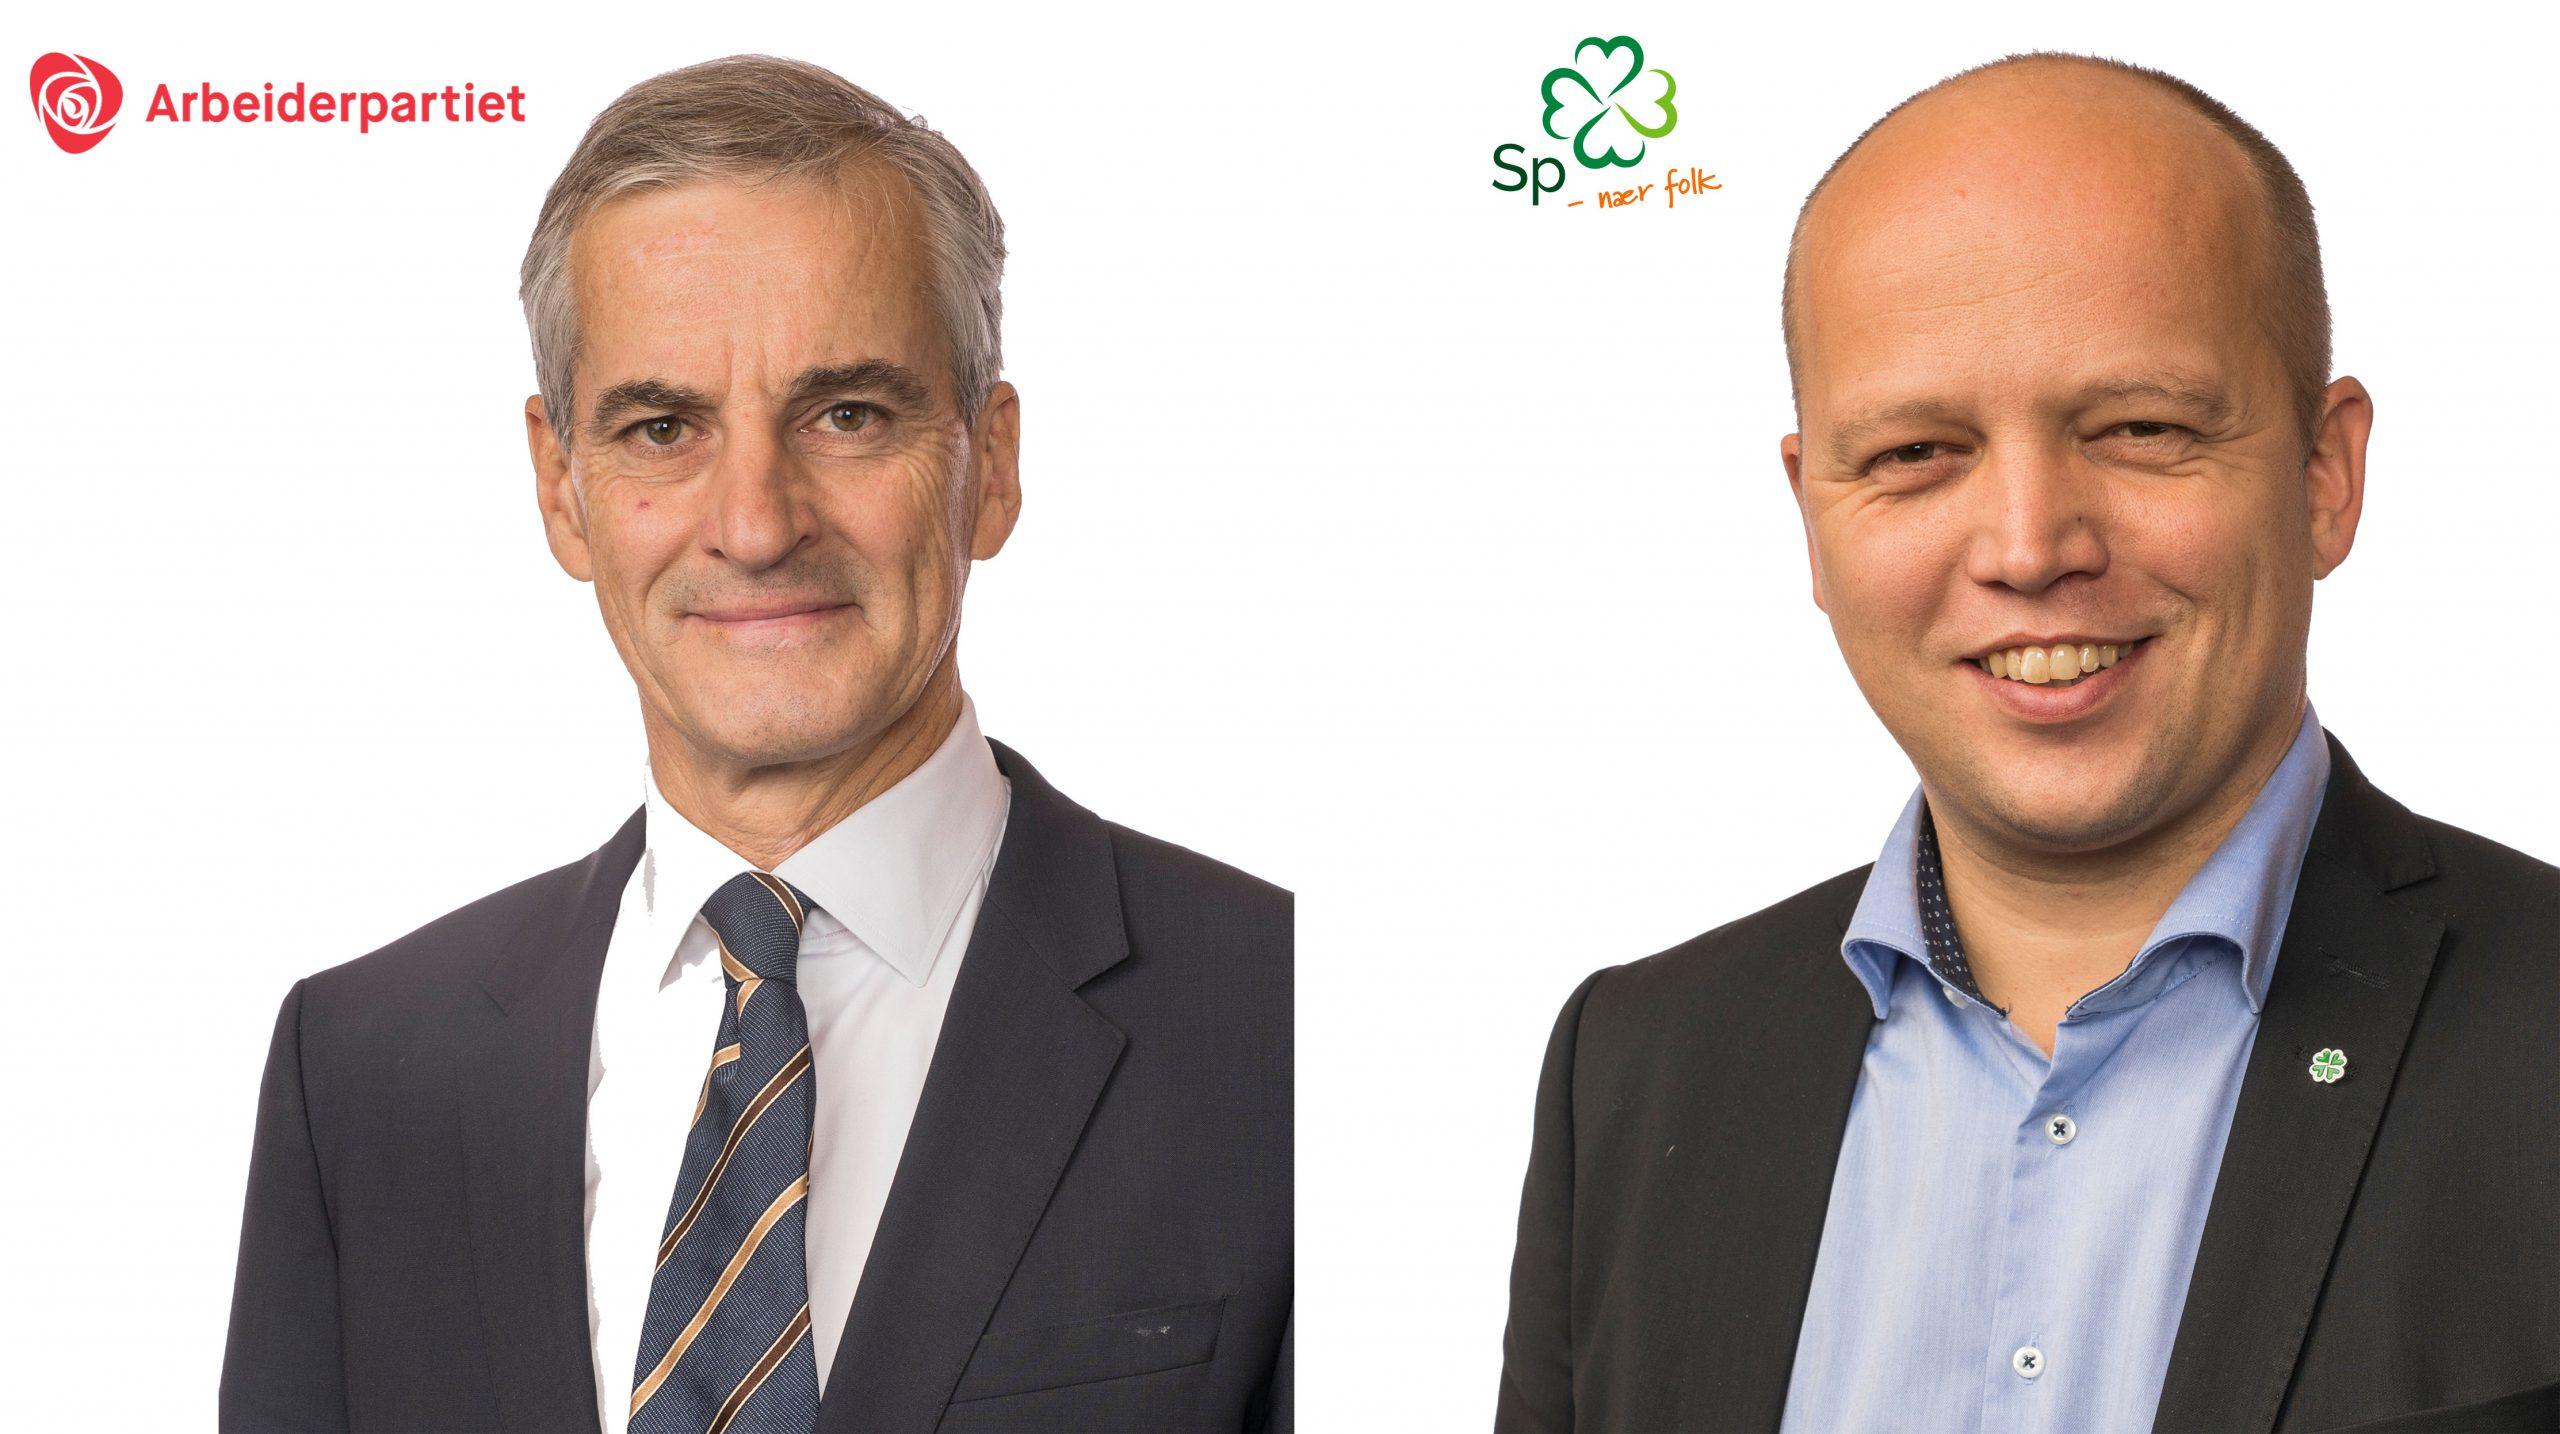 Jonas Gahr Støre (Ap) og Trygve Slagsvold Vedum (Sp) har blitt enige om en politikk for den nye regjeringen. Portretter: stortinget.no